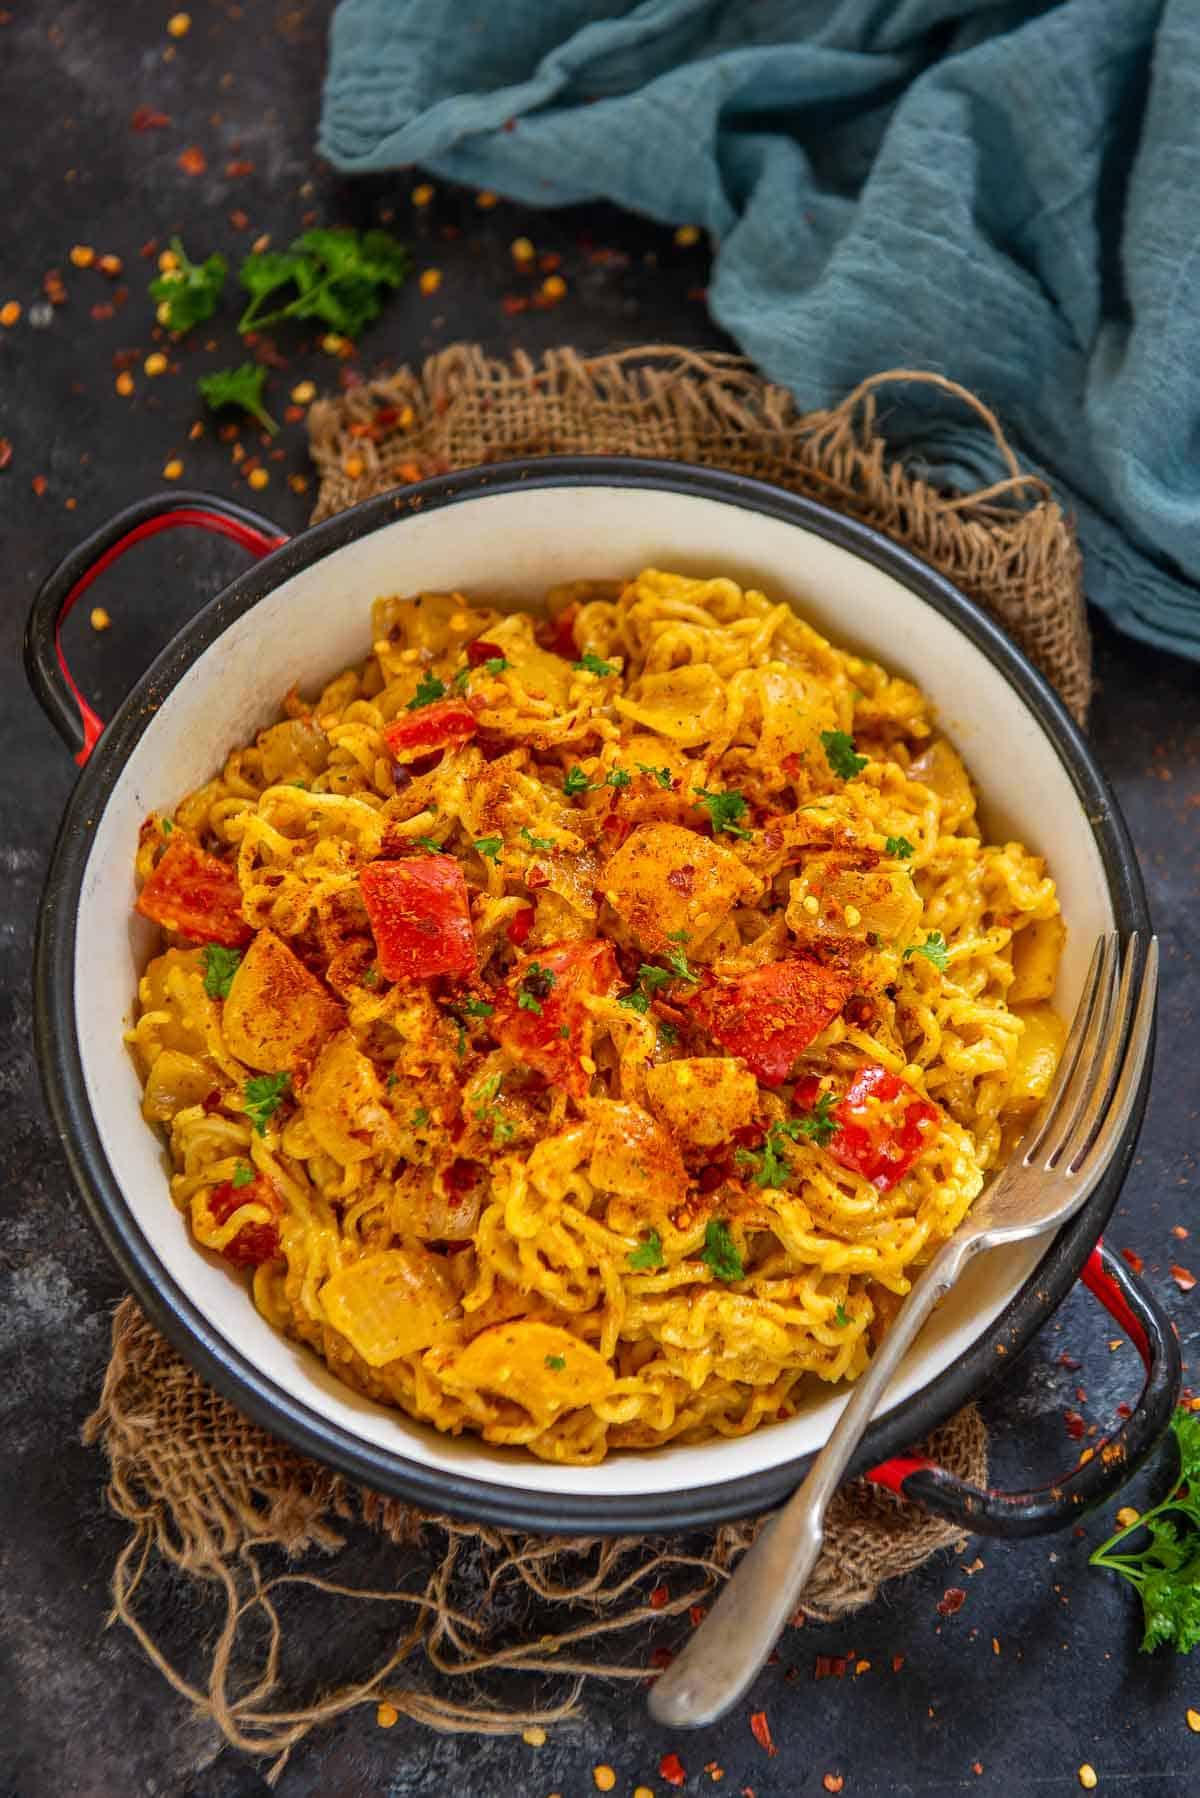 Peri peri maggi served in a bowl.